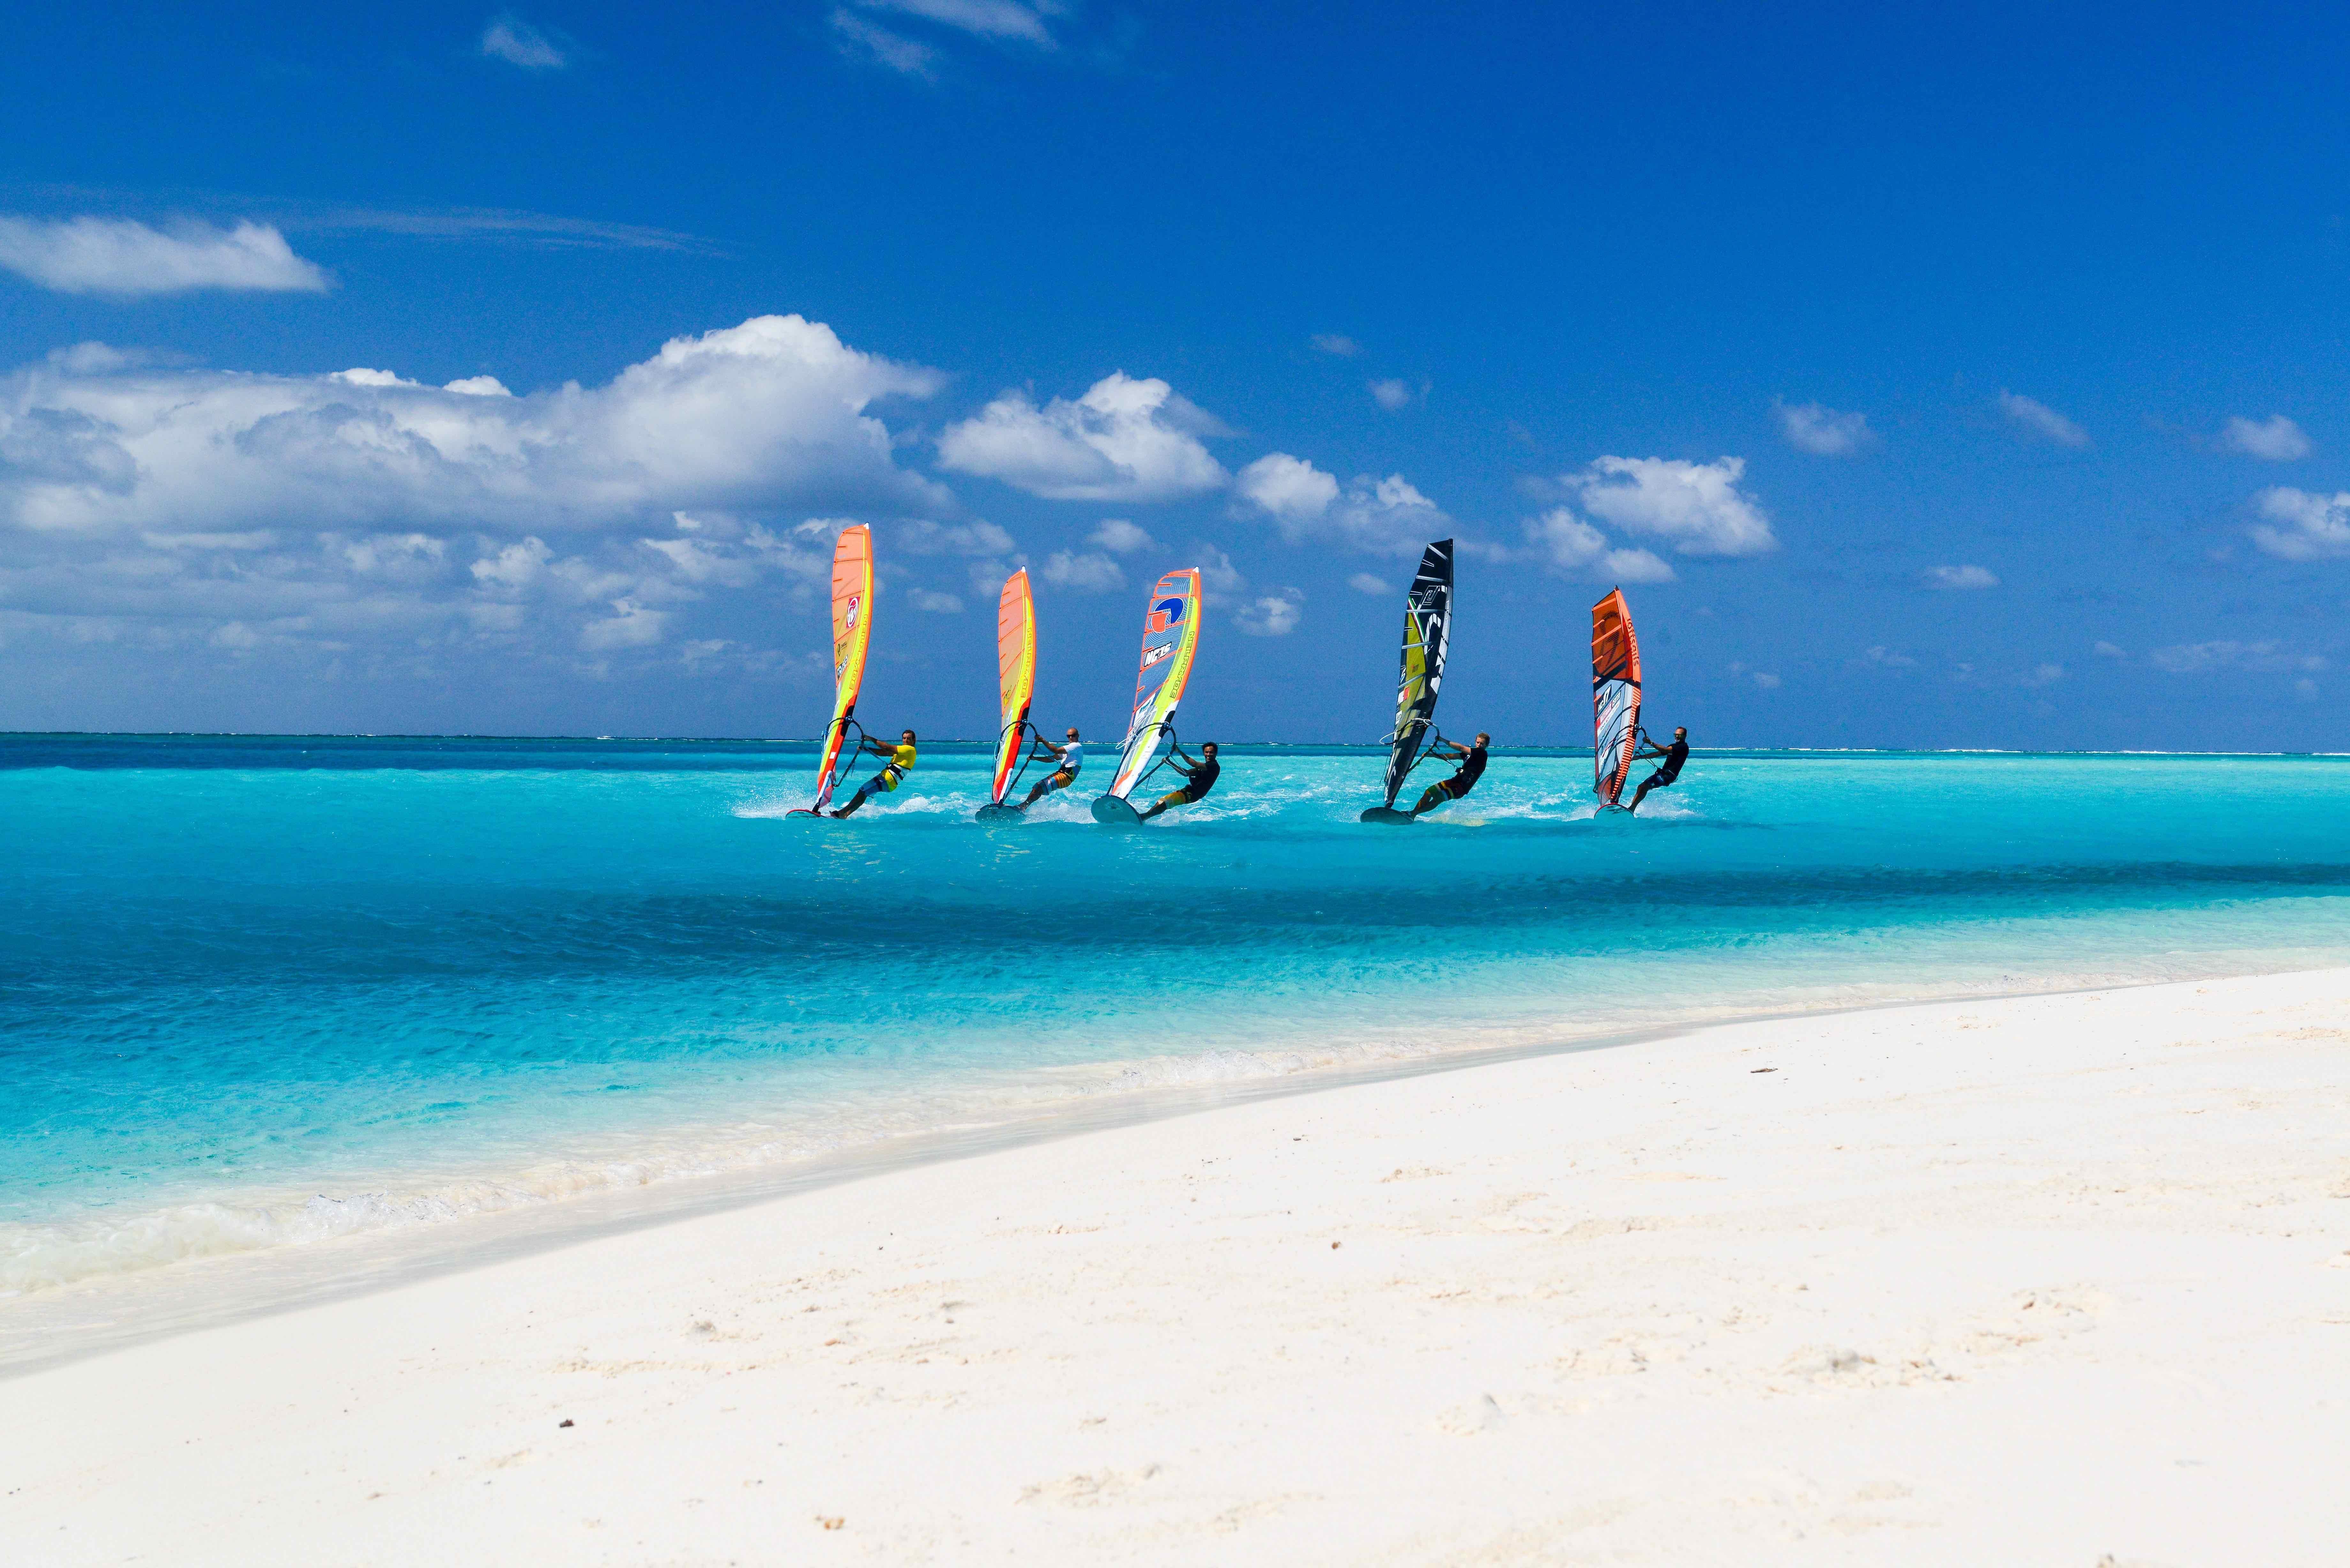 人気スポーツはウィンド・サーフィン。2年に1回ワールドカップが首都ヌメアで開催されます。